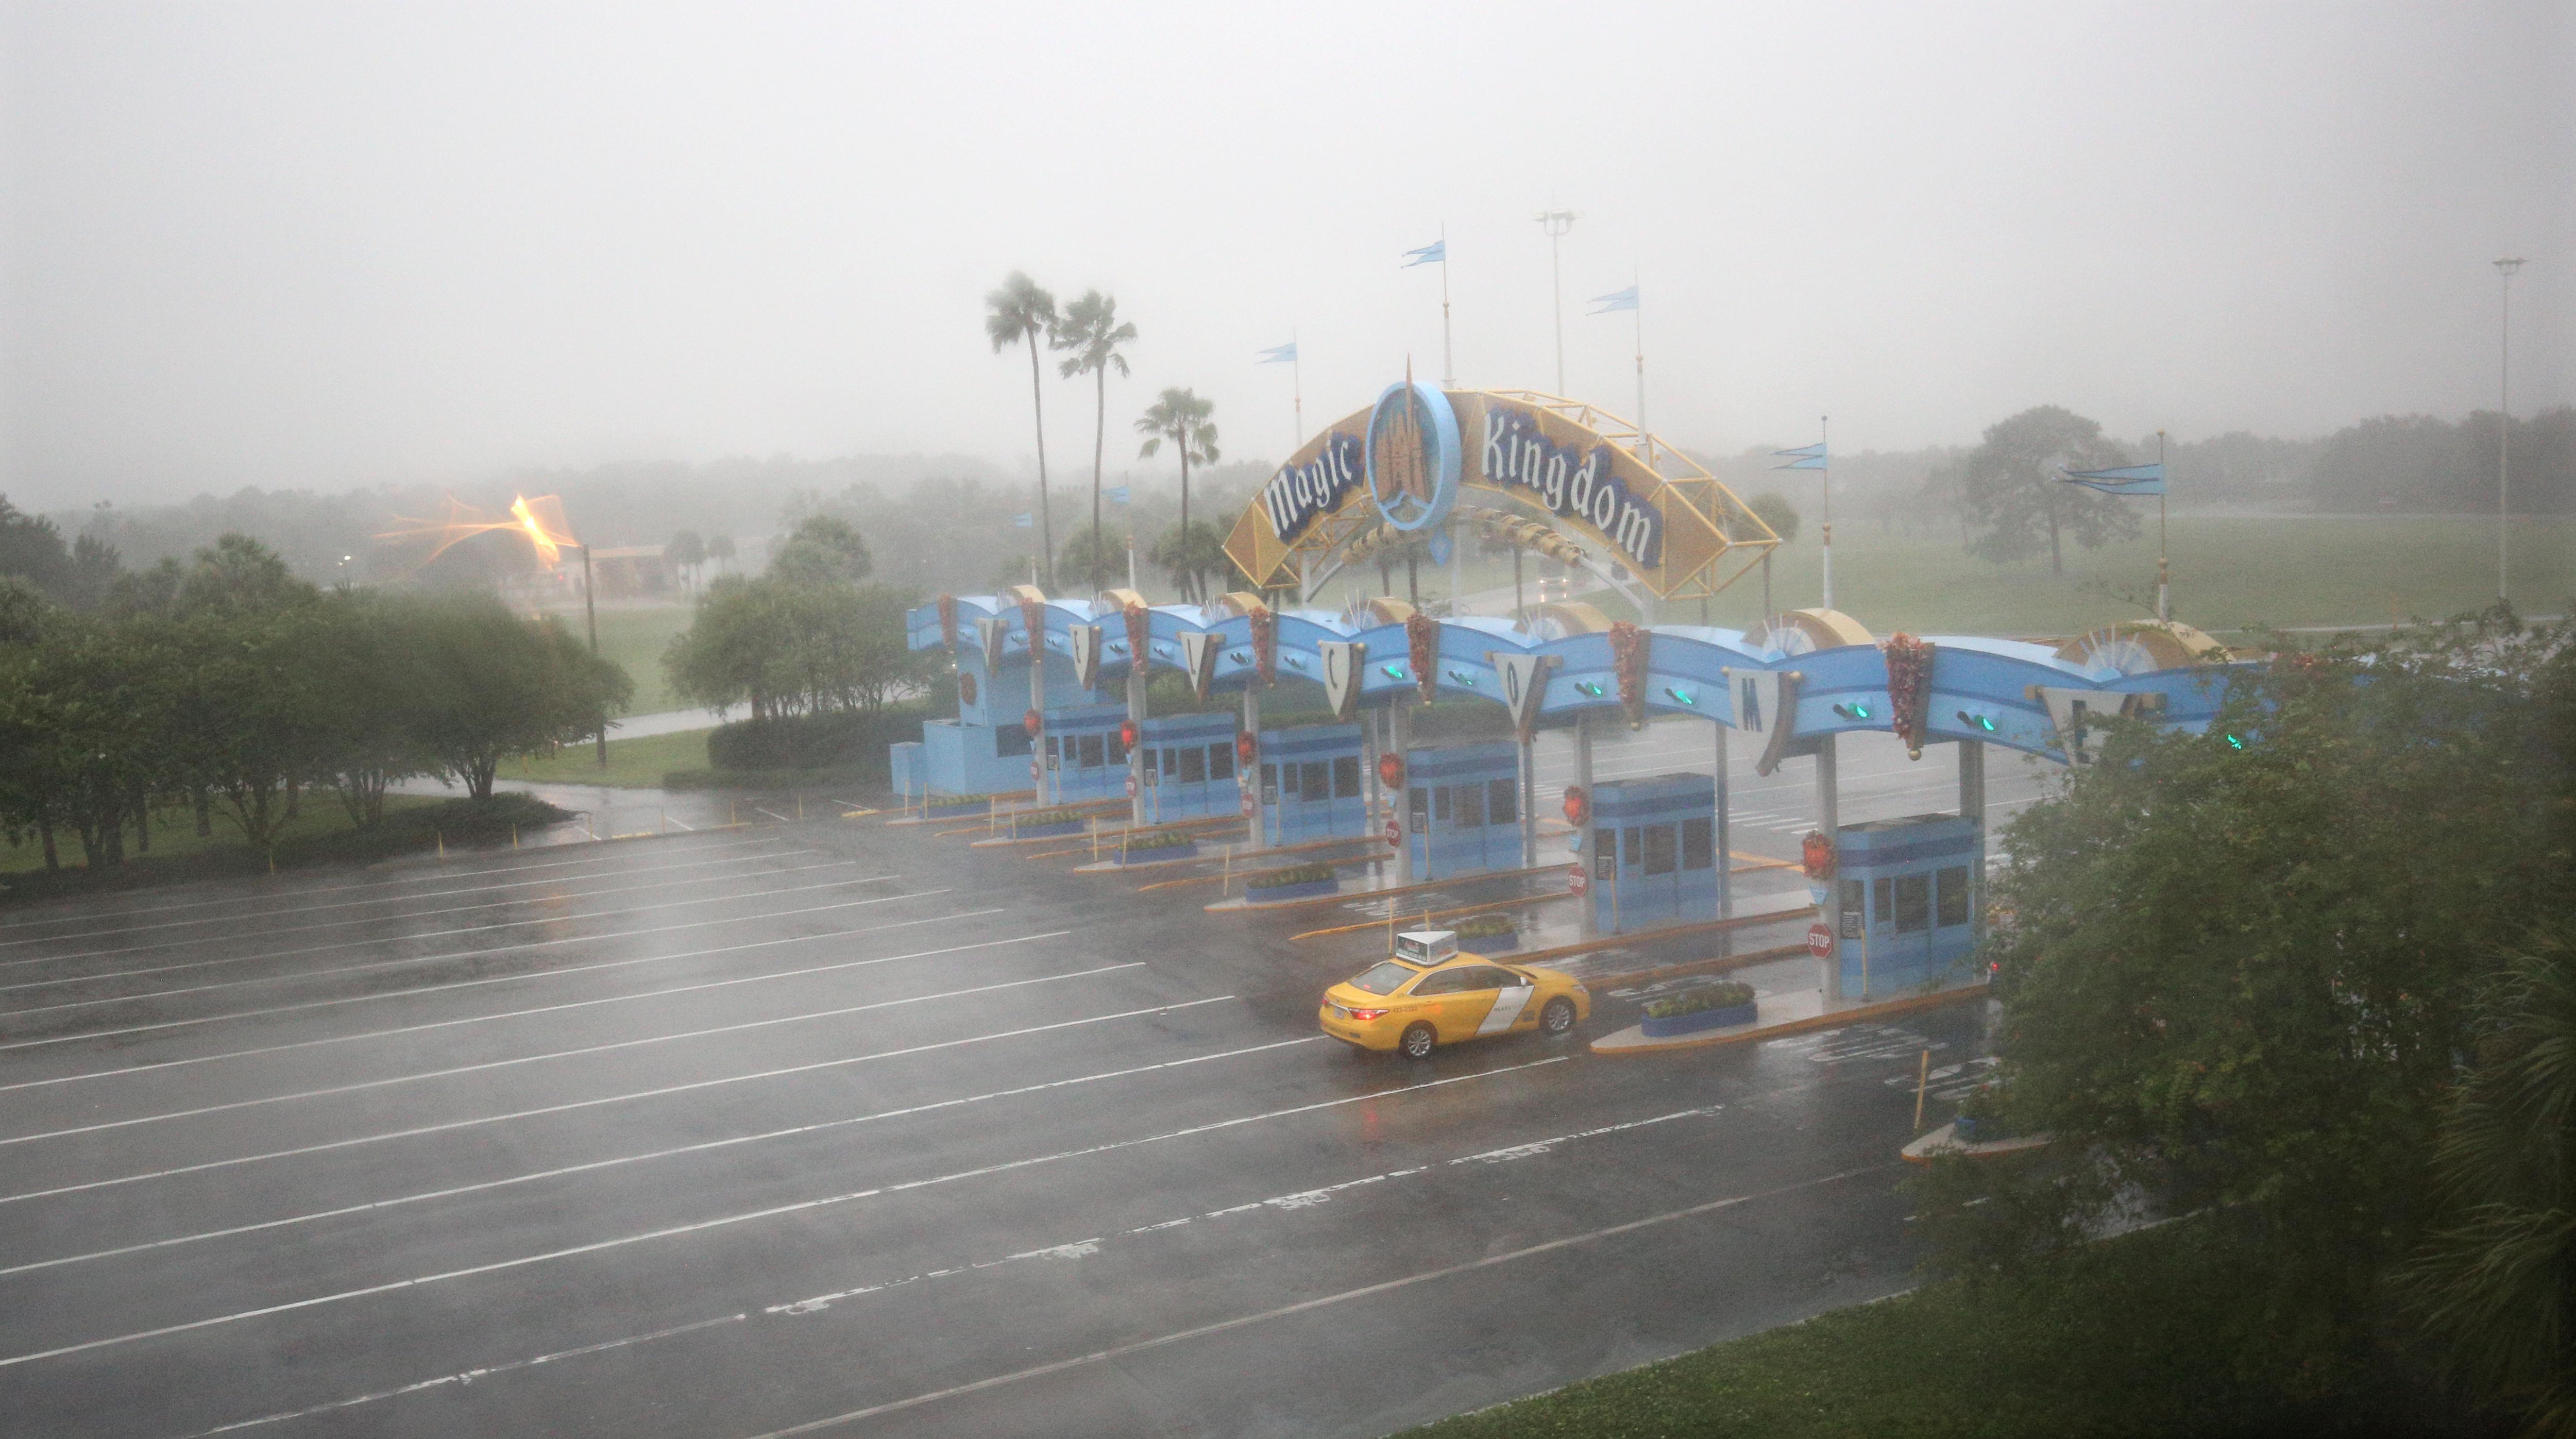 L'uragano Matthew fa chiudere Disney World: è la prima volta in 11 anni